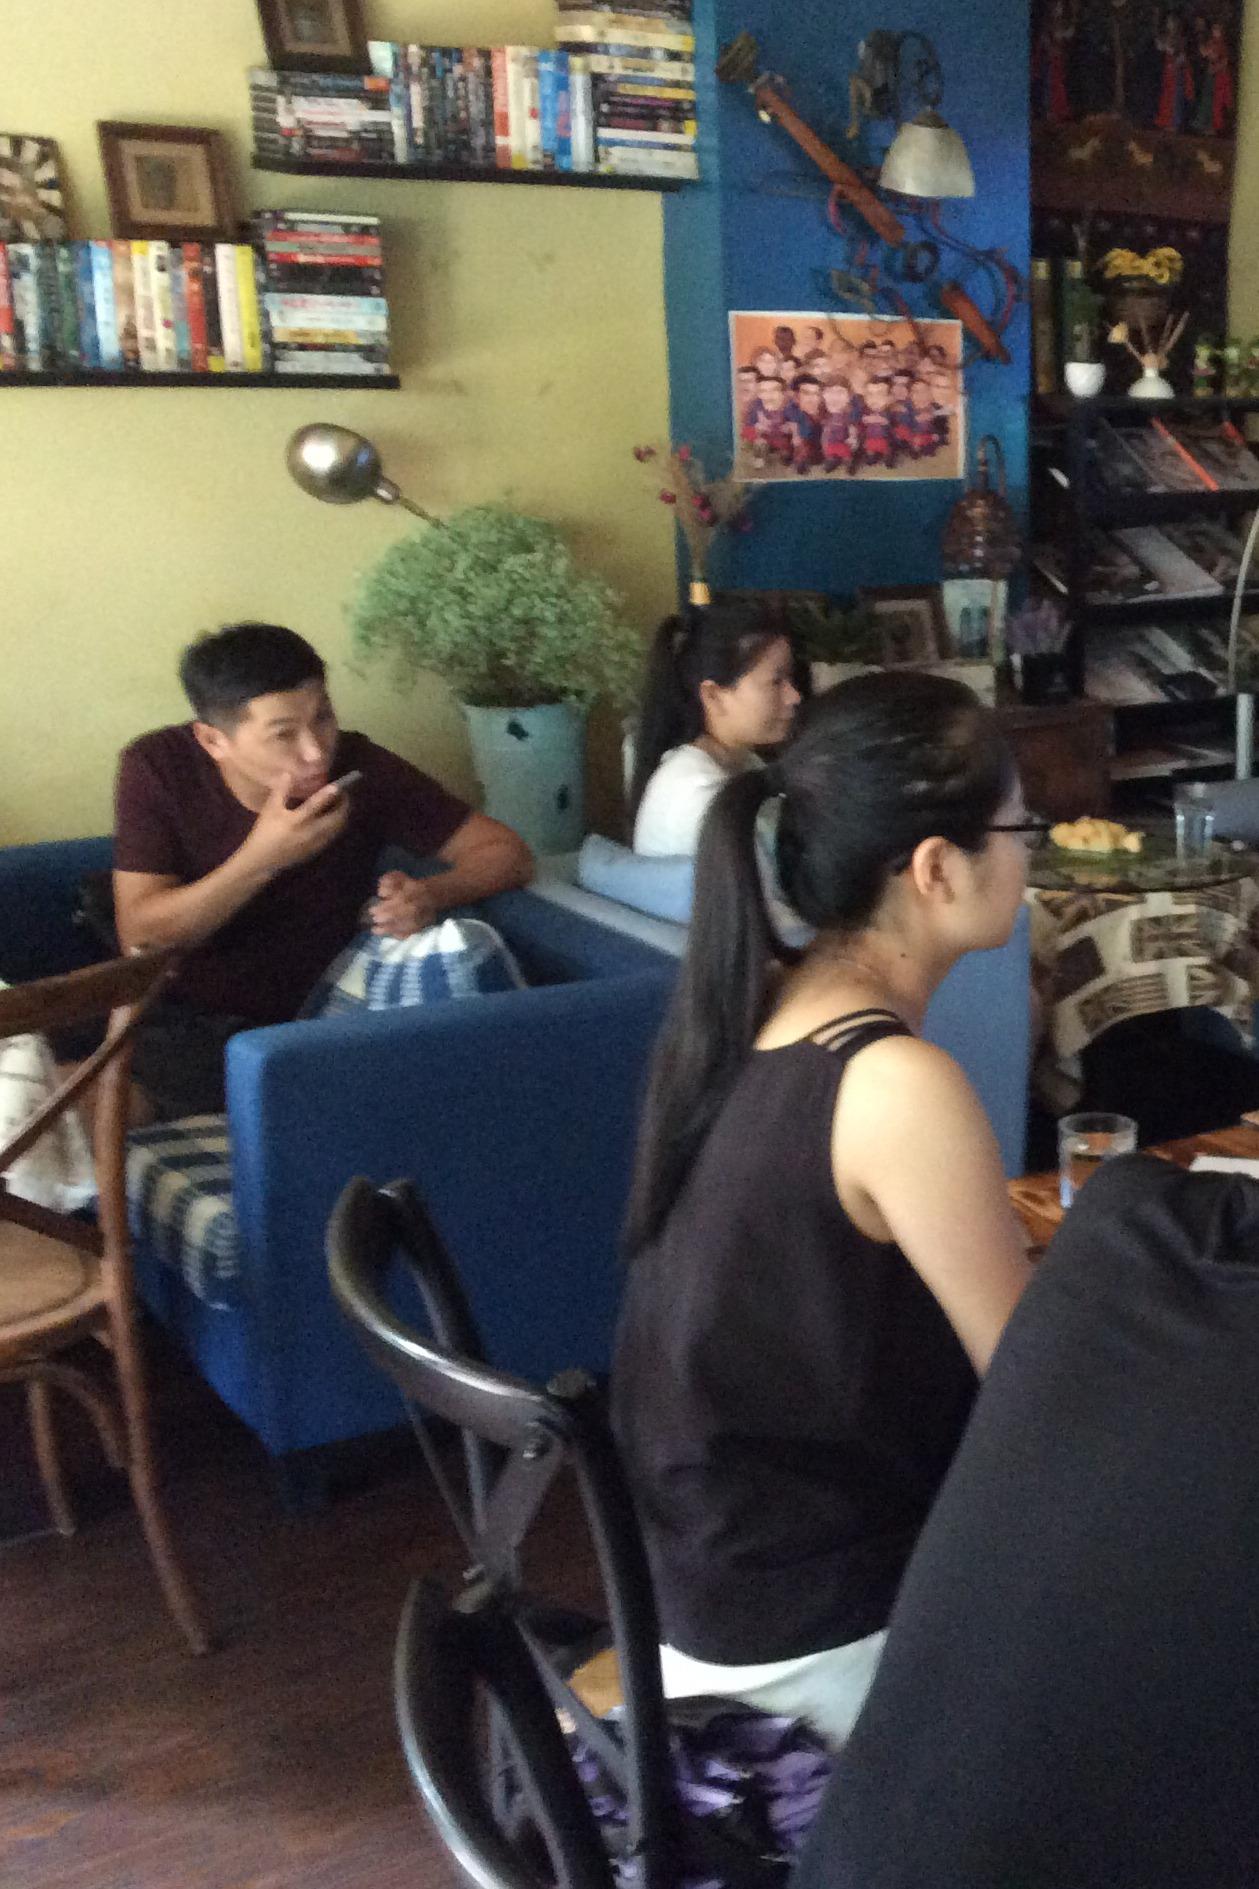 宁波社群经济外汇交易真情分享沙龙